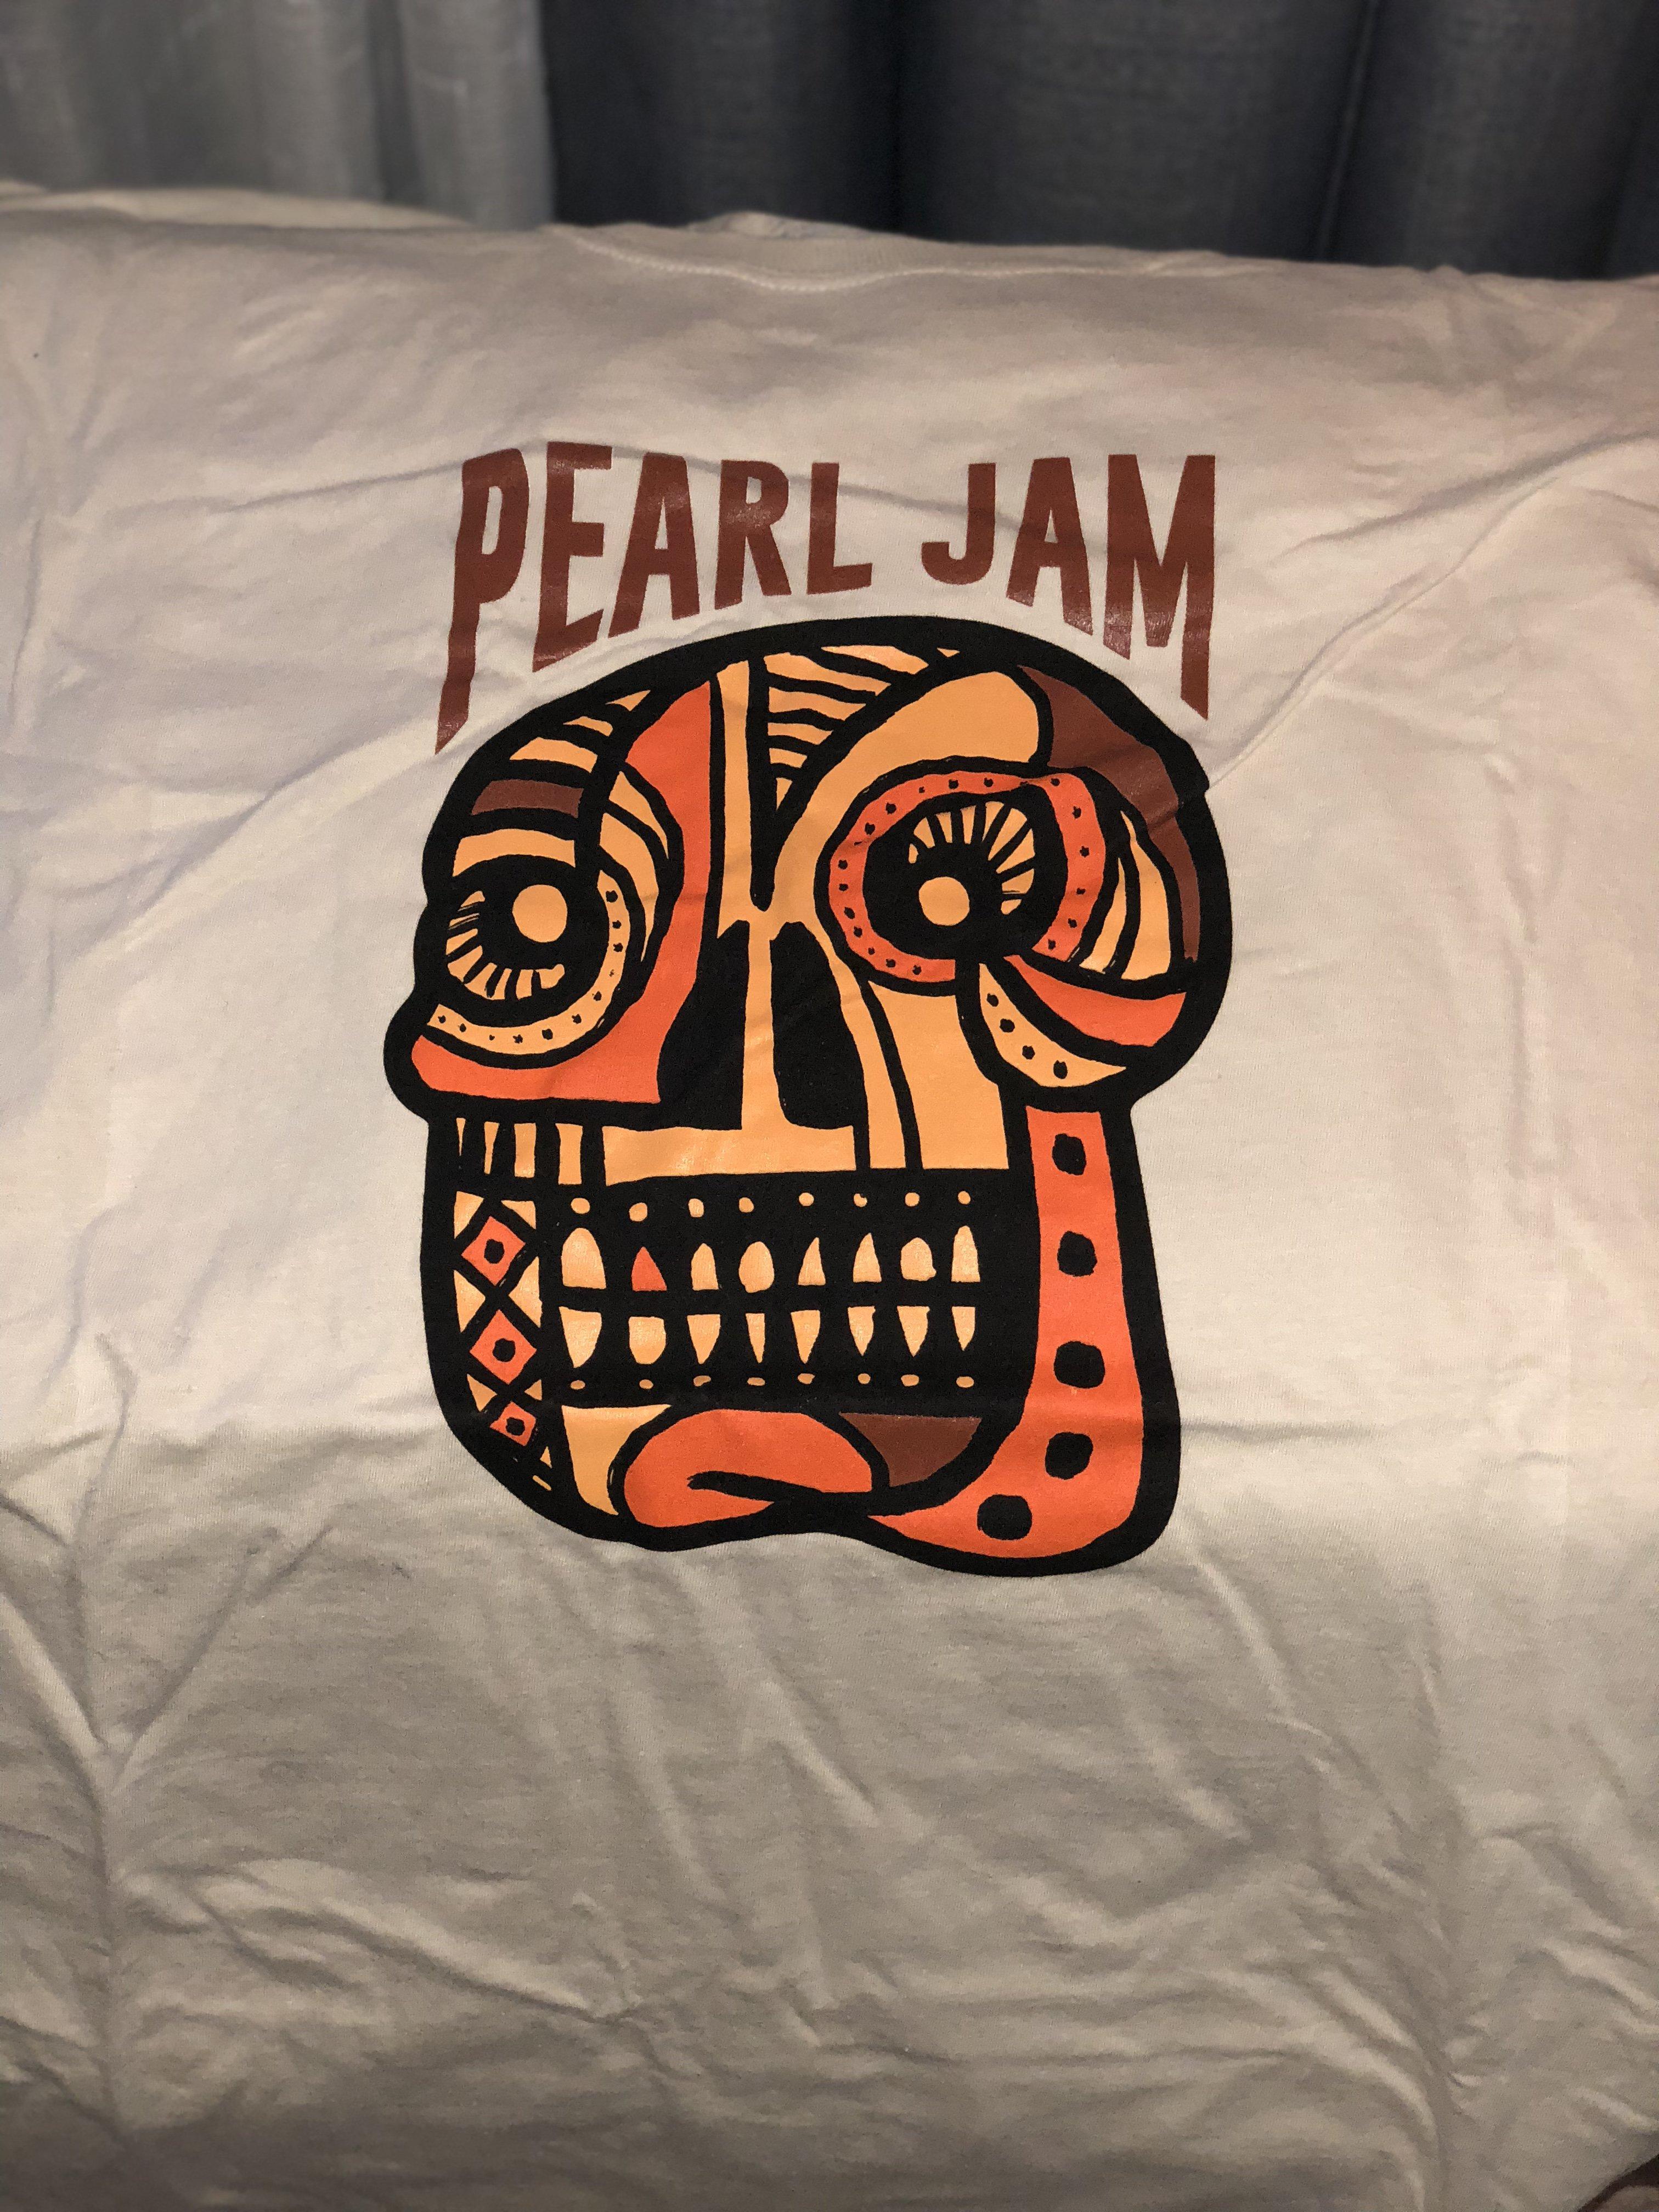 Image result for pearl jam skull 2018 shirt